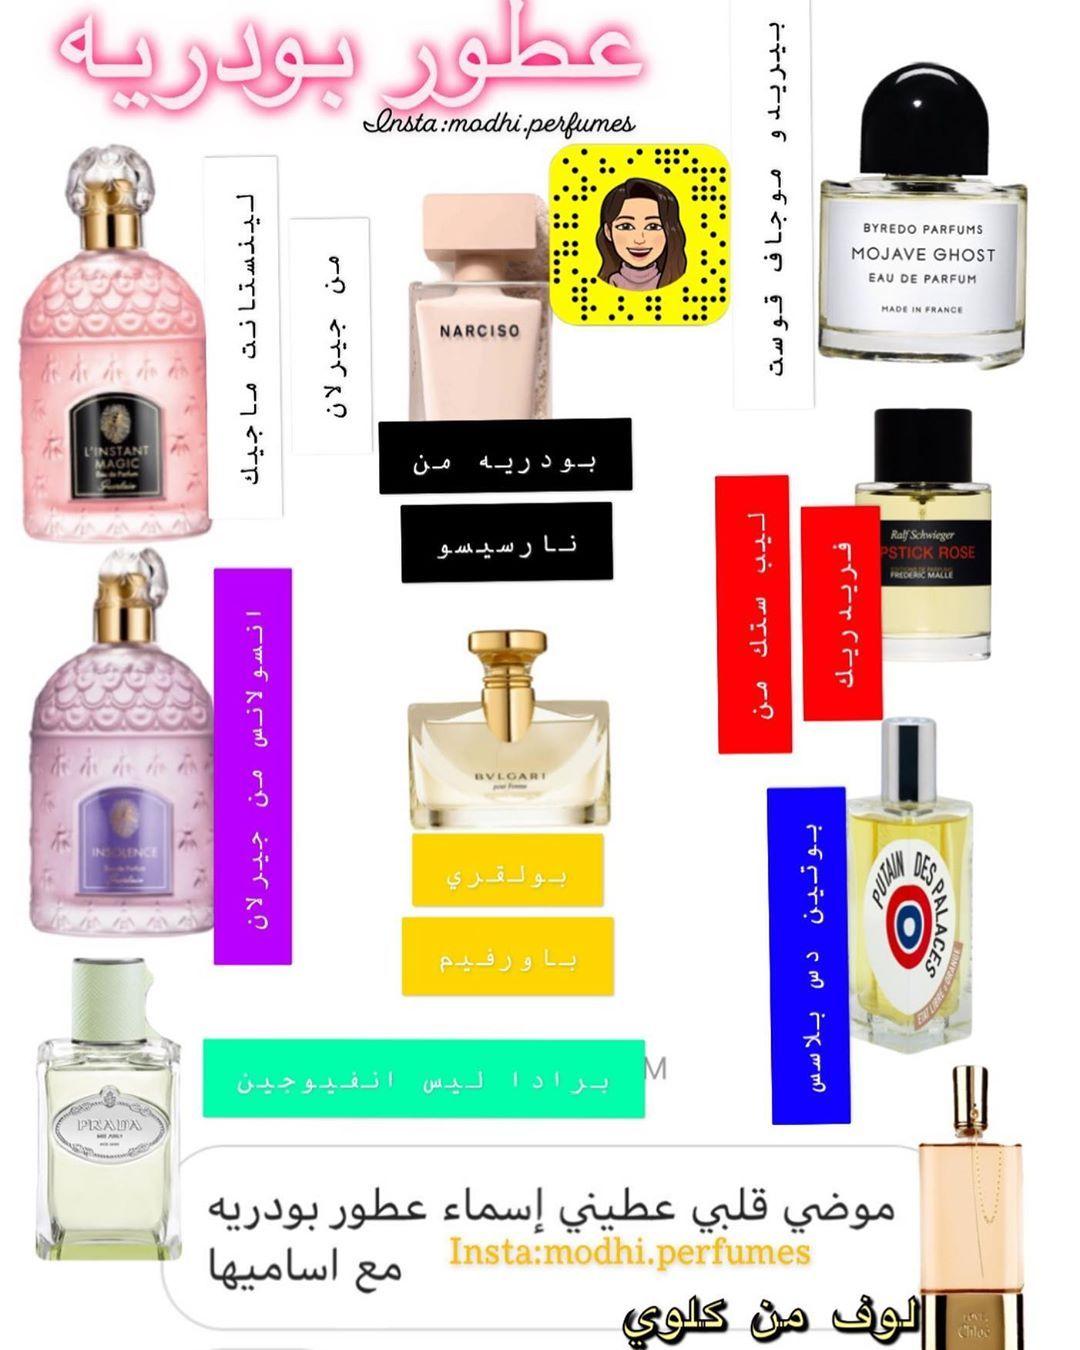 اكثر سؤال يجيني عن عطور البودريه وريحة البودر مقصود فيها رائحة مستحضرات التجميل او بودرة الاطفال وغالبا تكون هالرائحه من ز Fragrances Perfume Fragrance Parfume